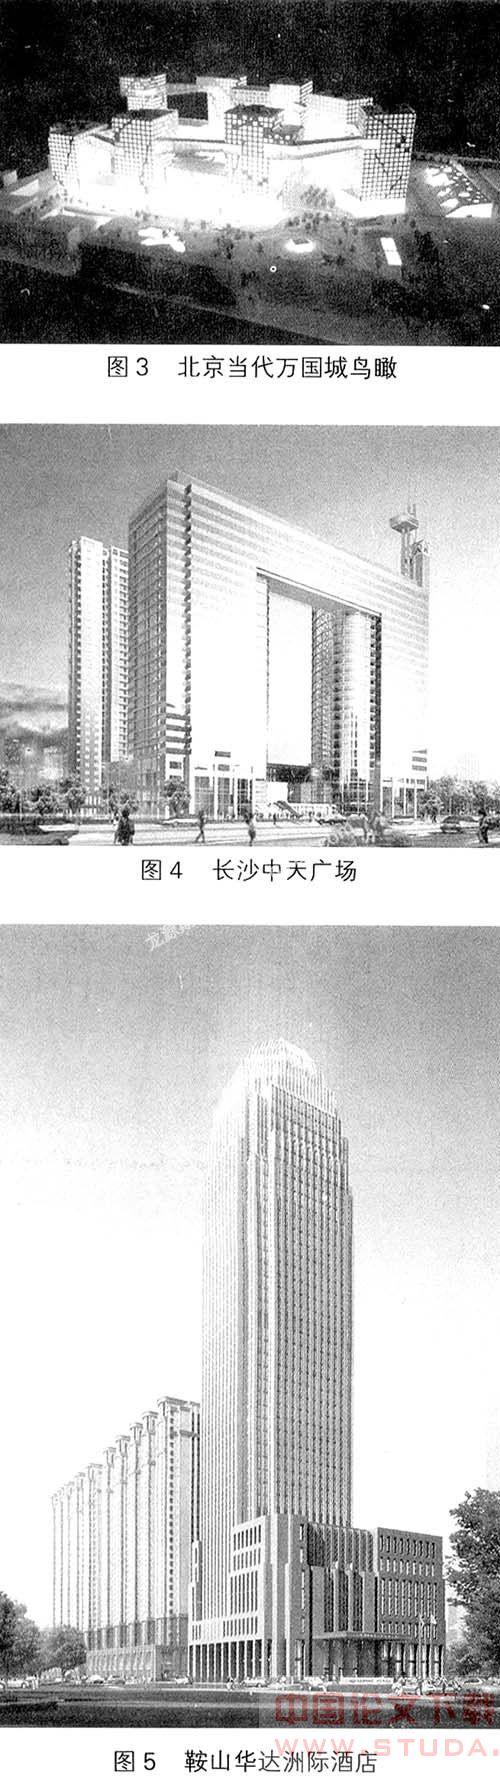 谈城市新贵族空中会所的设计